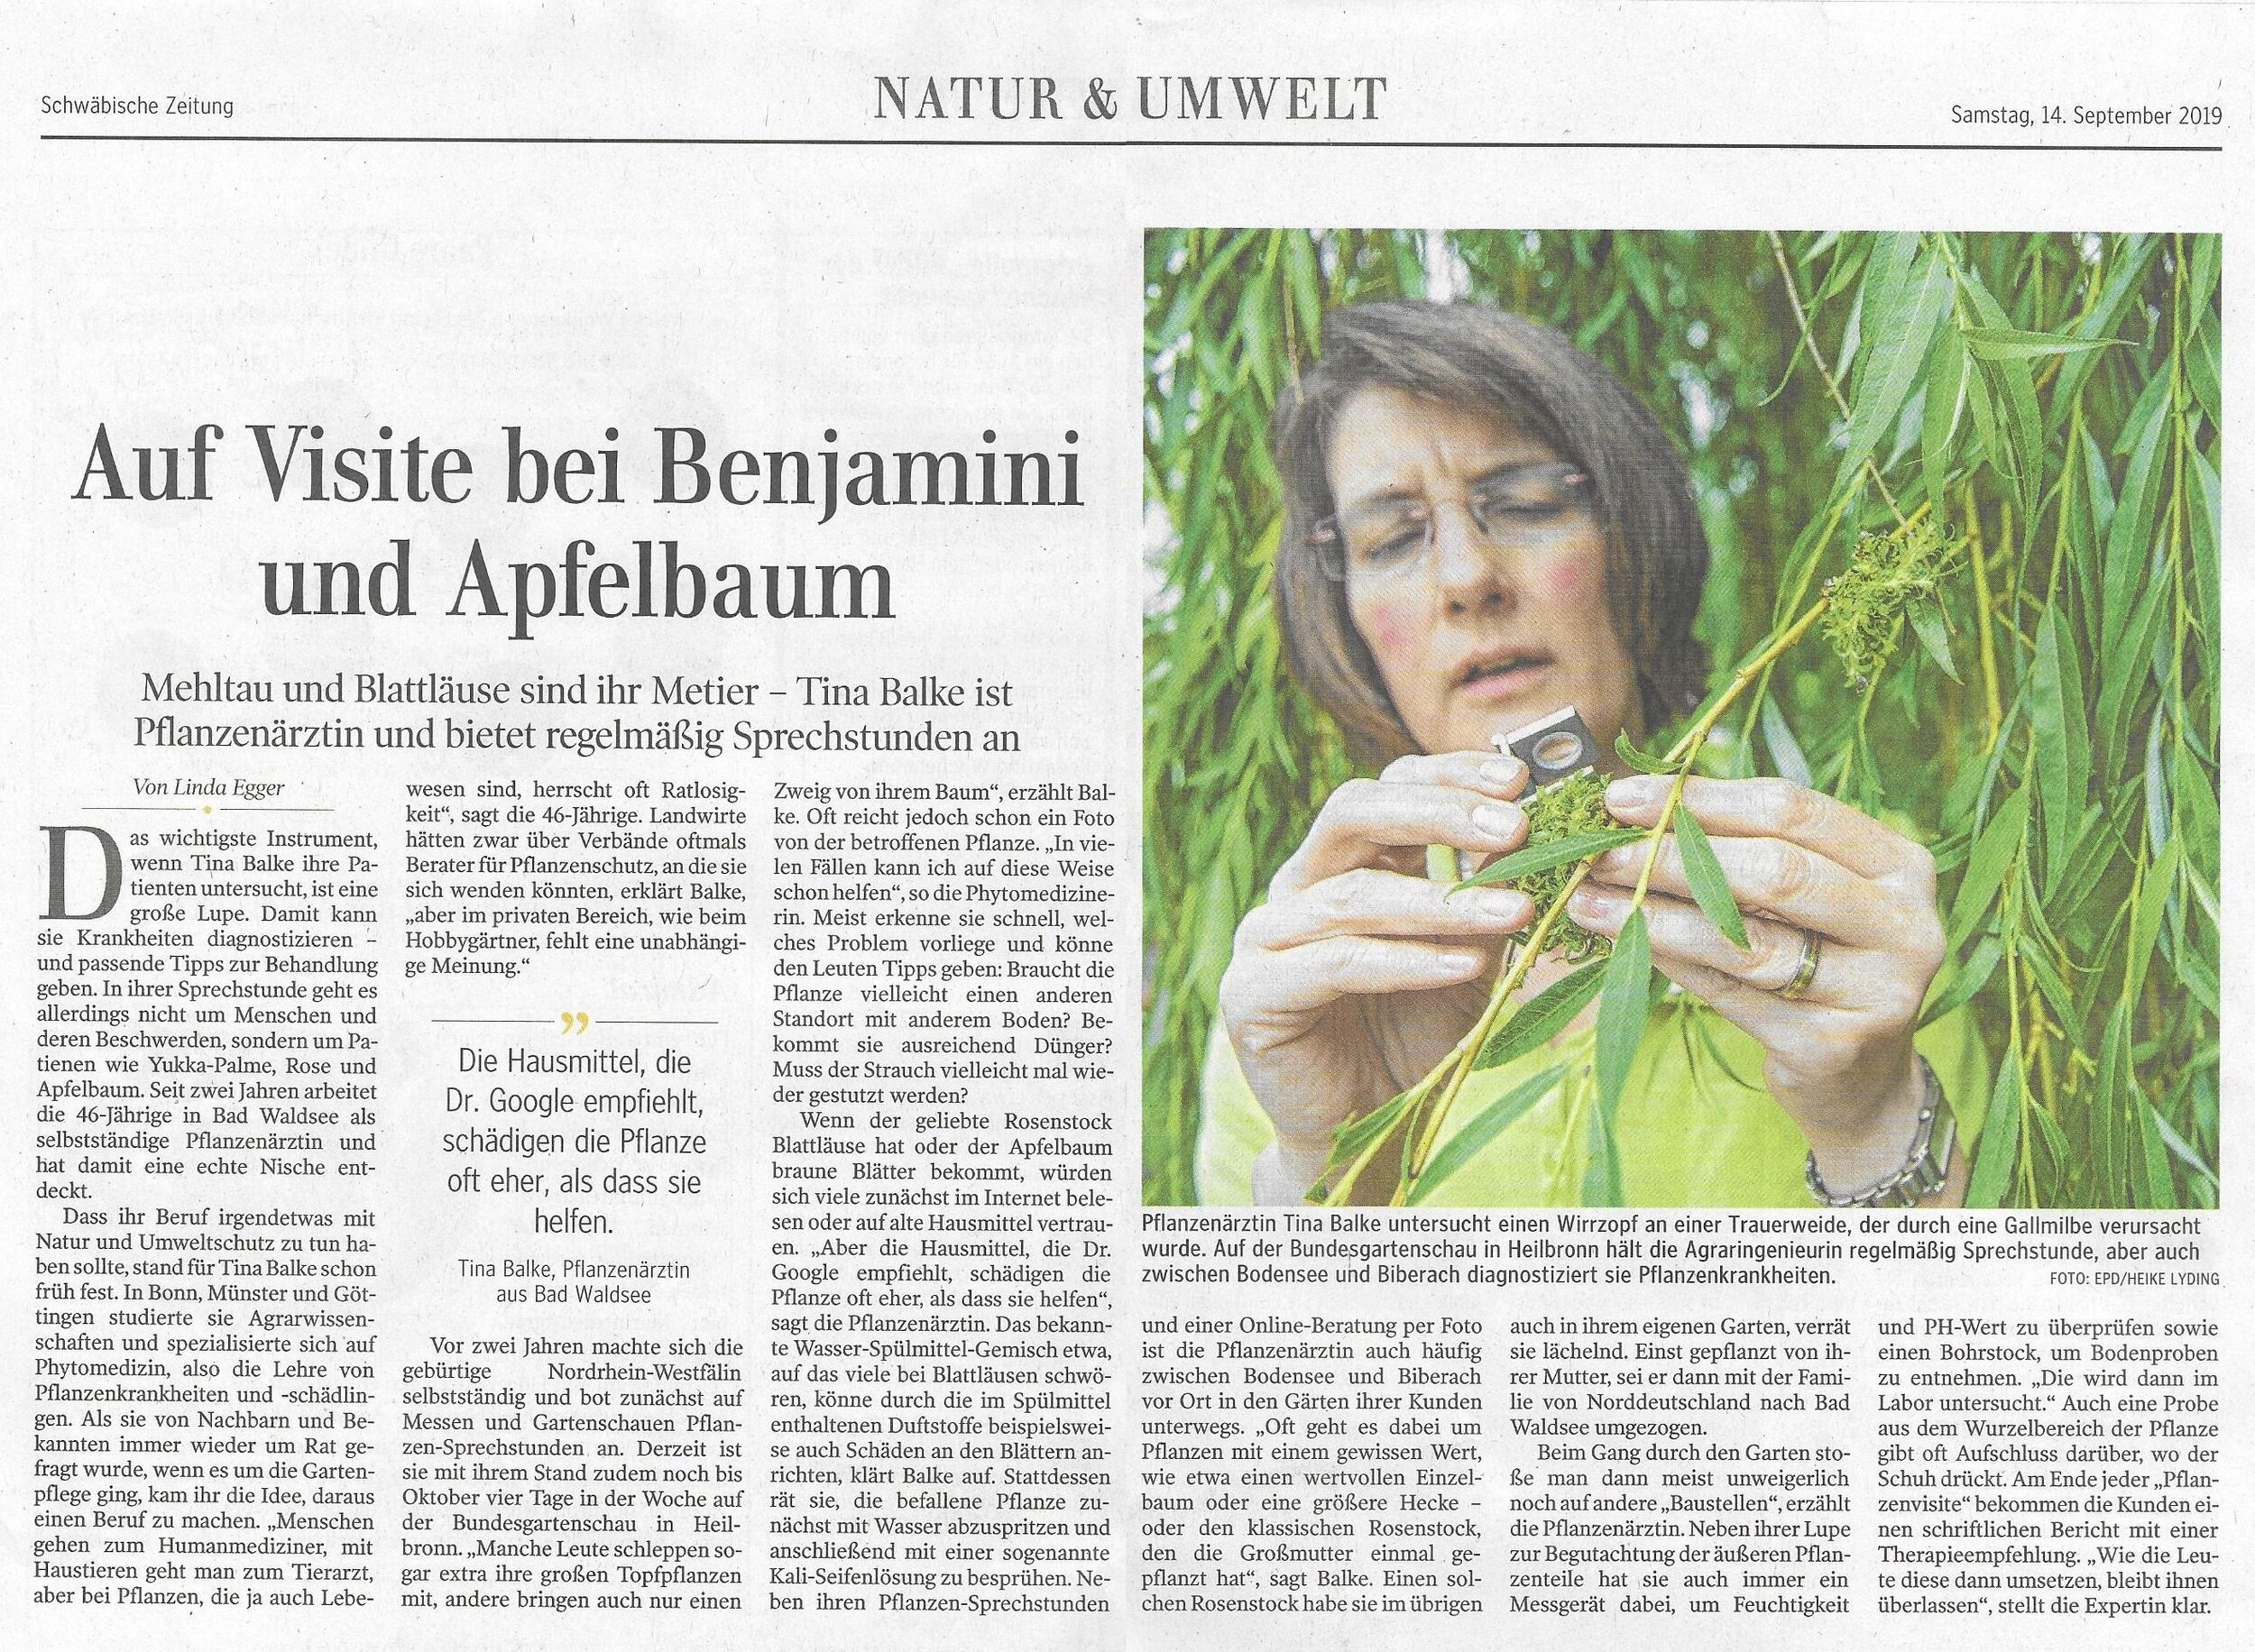 Schwäbische_Zeitung_2019.jpg